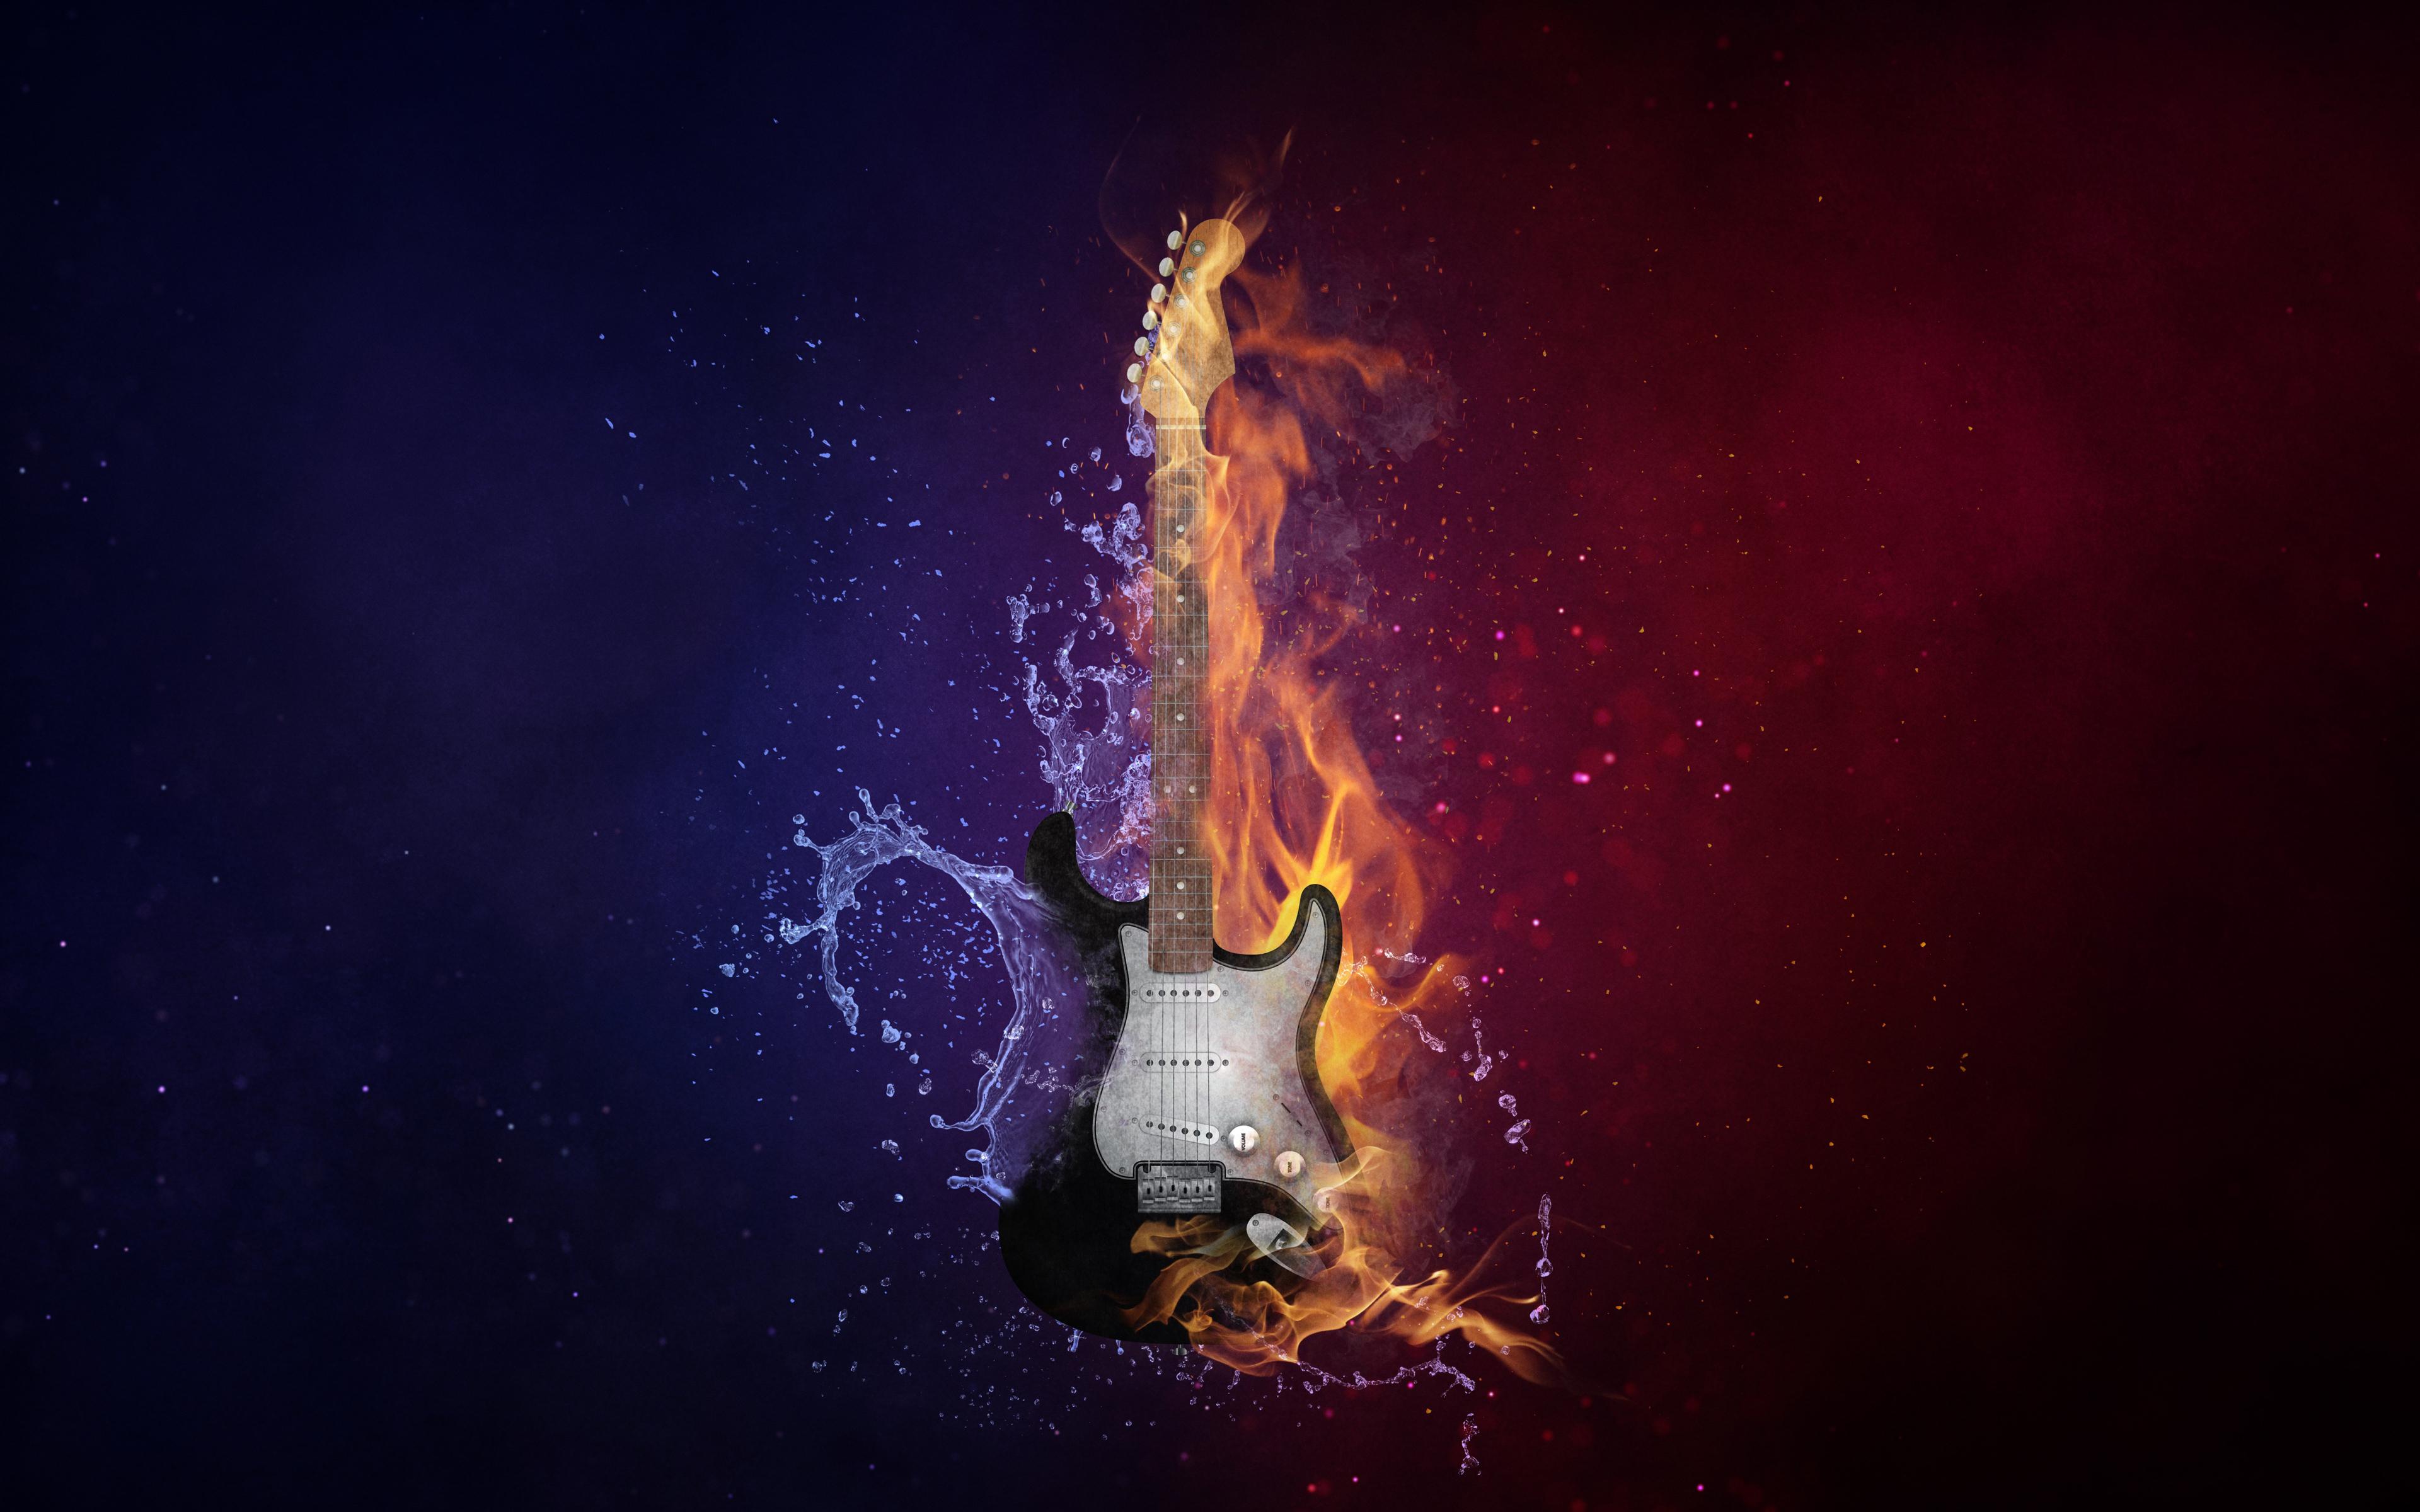 Guitar Fire Cold 5k Wallpaper Download High Resolution 4k Wallpaper